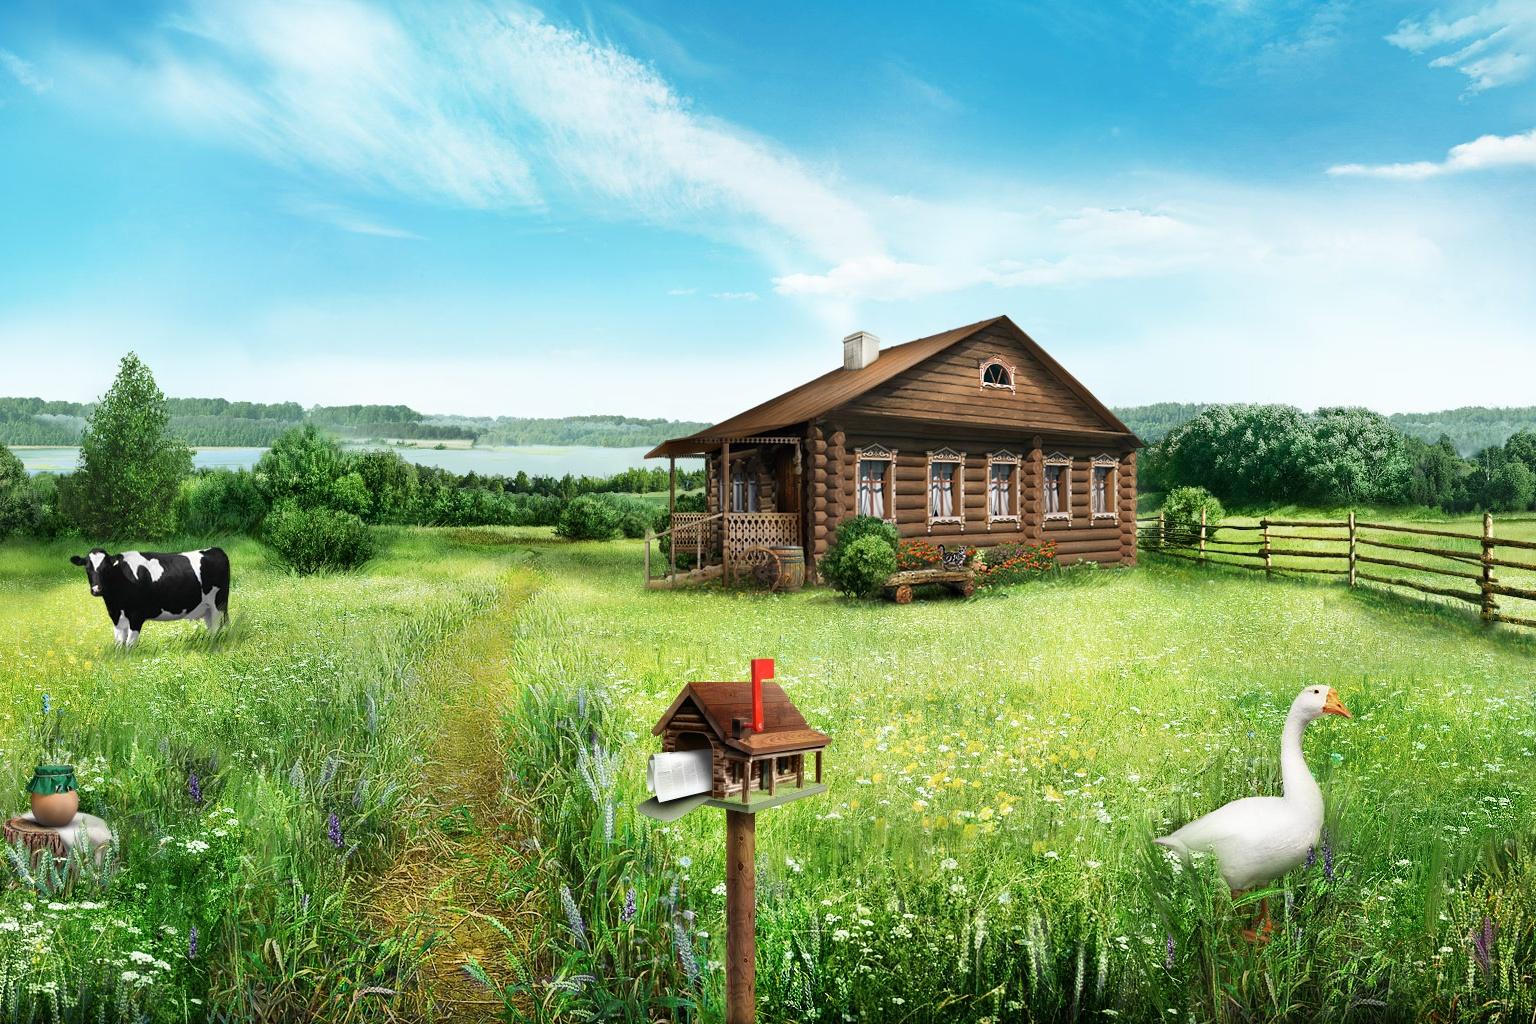 картинки домика в деревне на заднем плане что